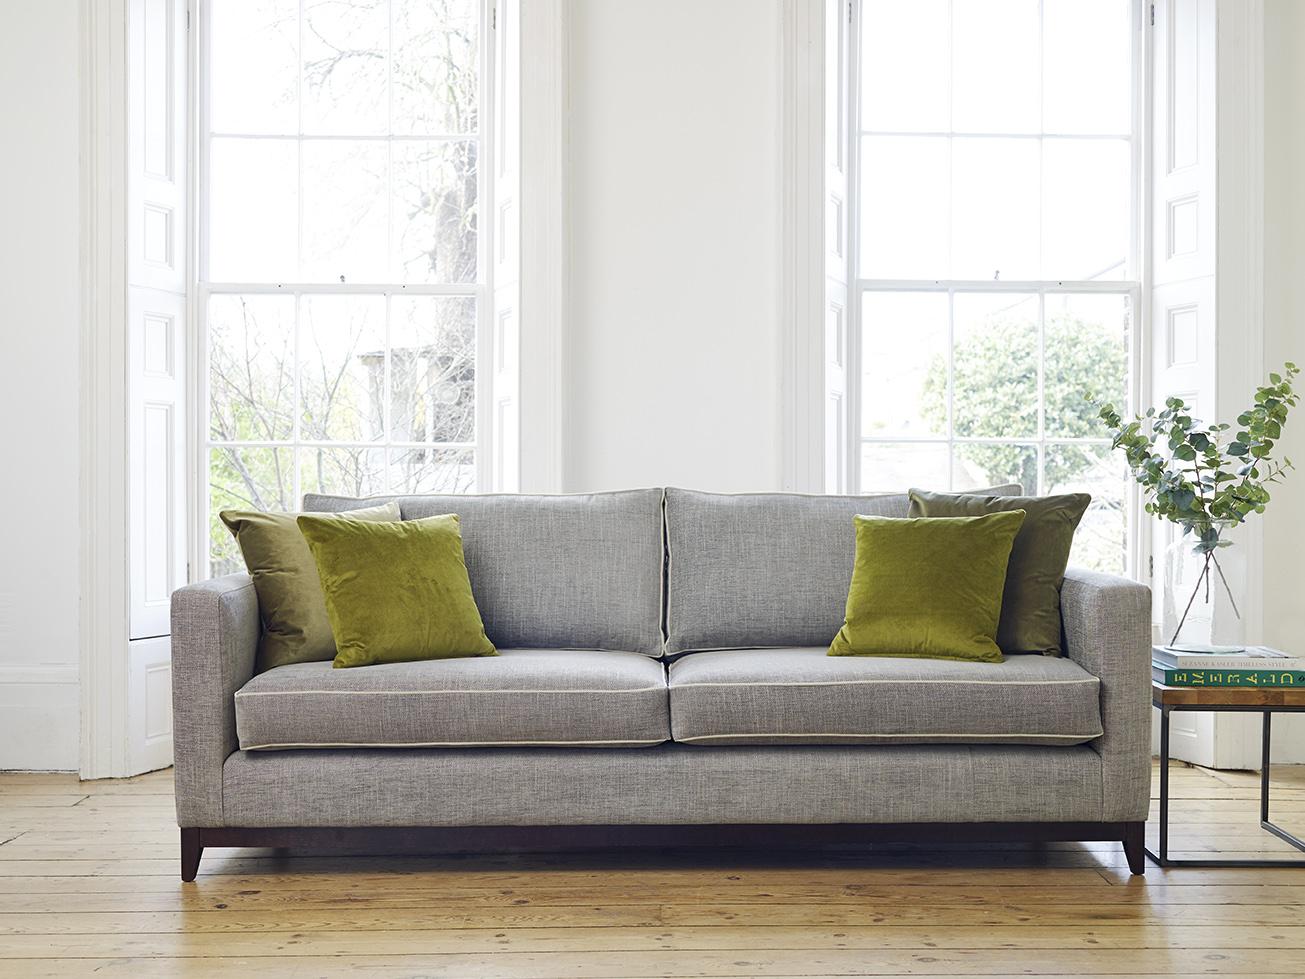 Darlings of Chelsea Sofas Darwin Grand Sofa